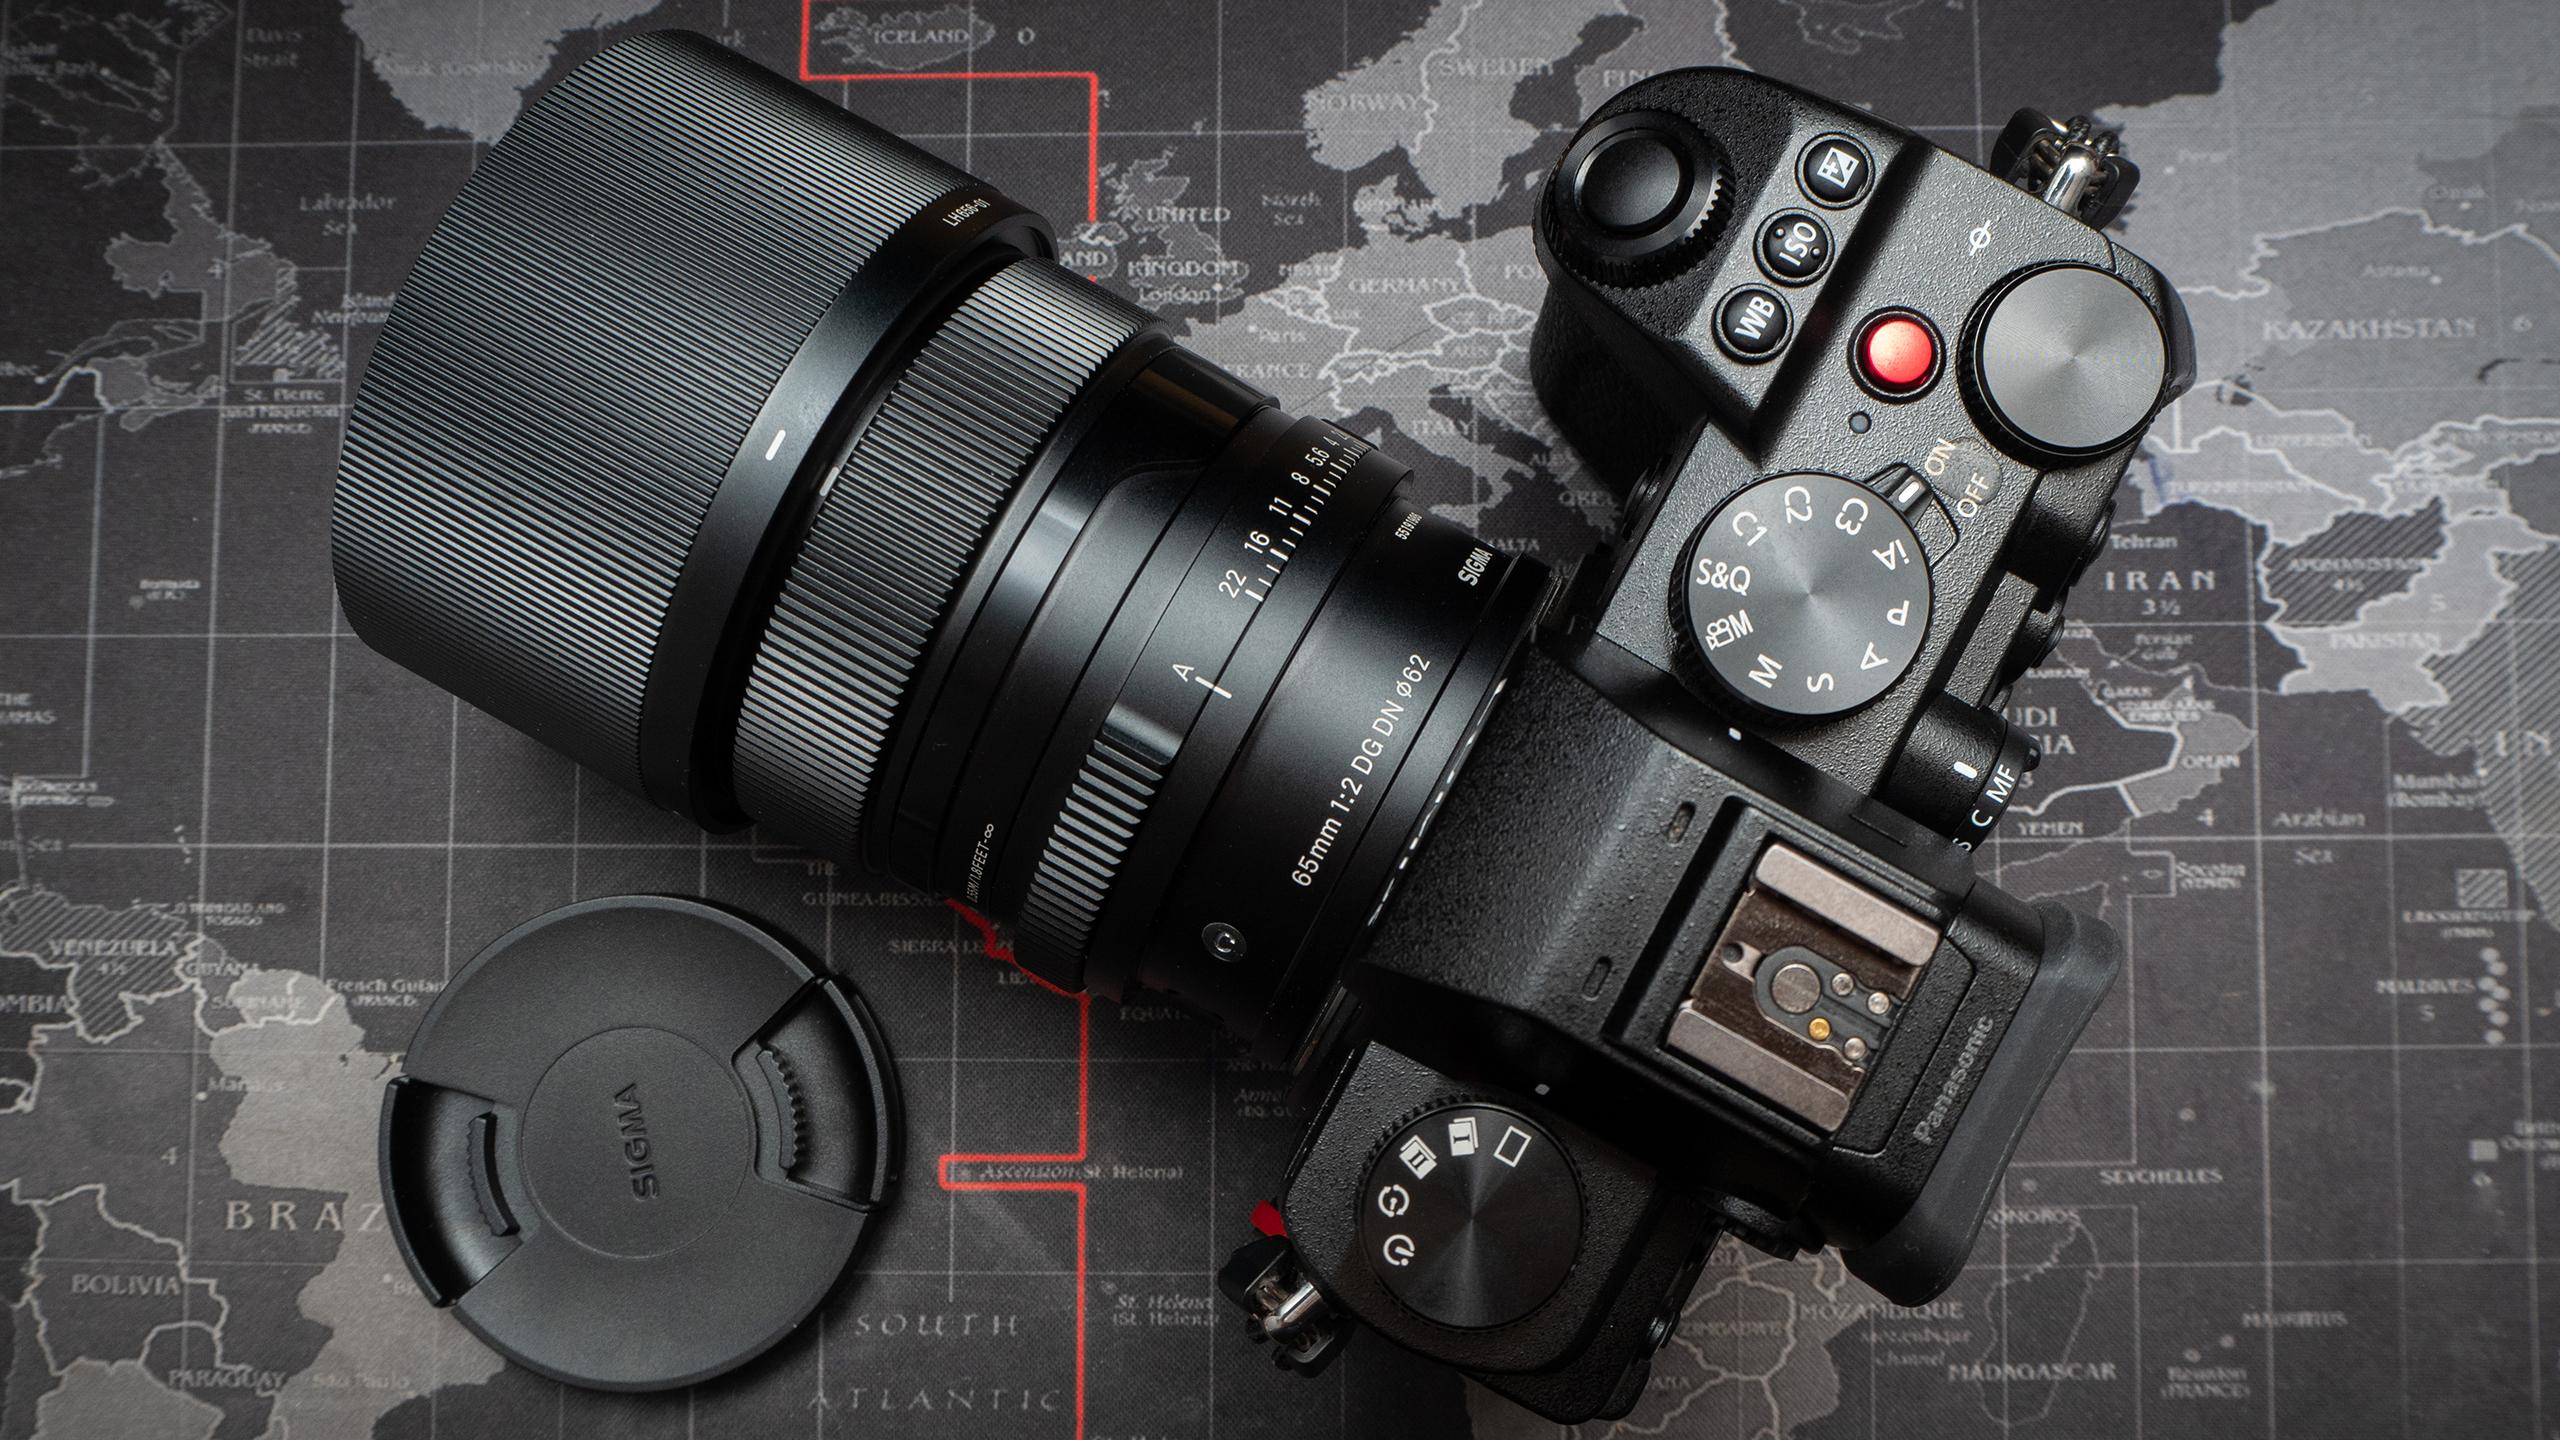 Sigma 65mm f/2 DG DN C (L mount): A brilliant oddity of a lens